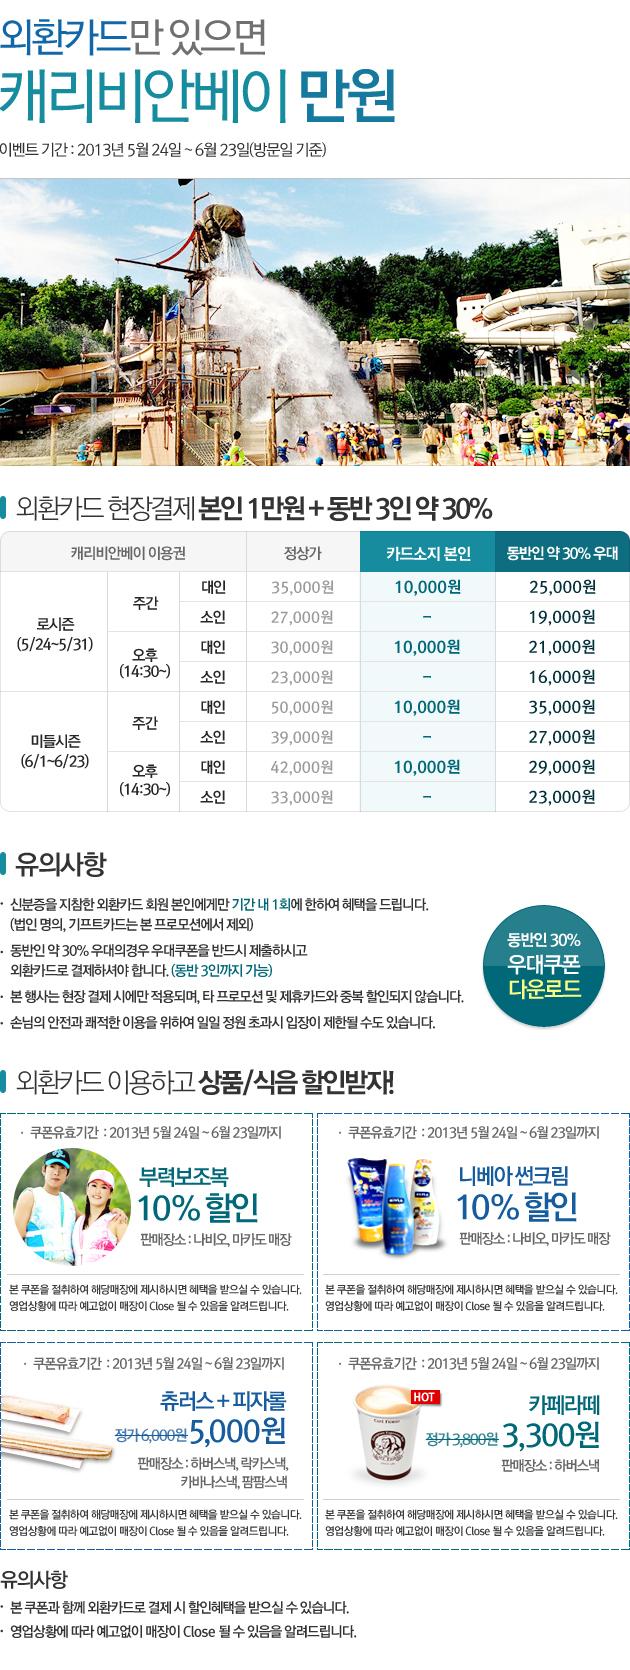 [할인]외환카드 현장결제시 본인 1만원 특별우대